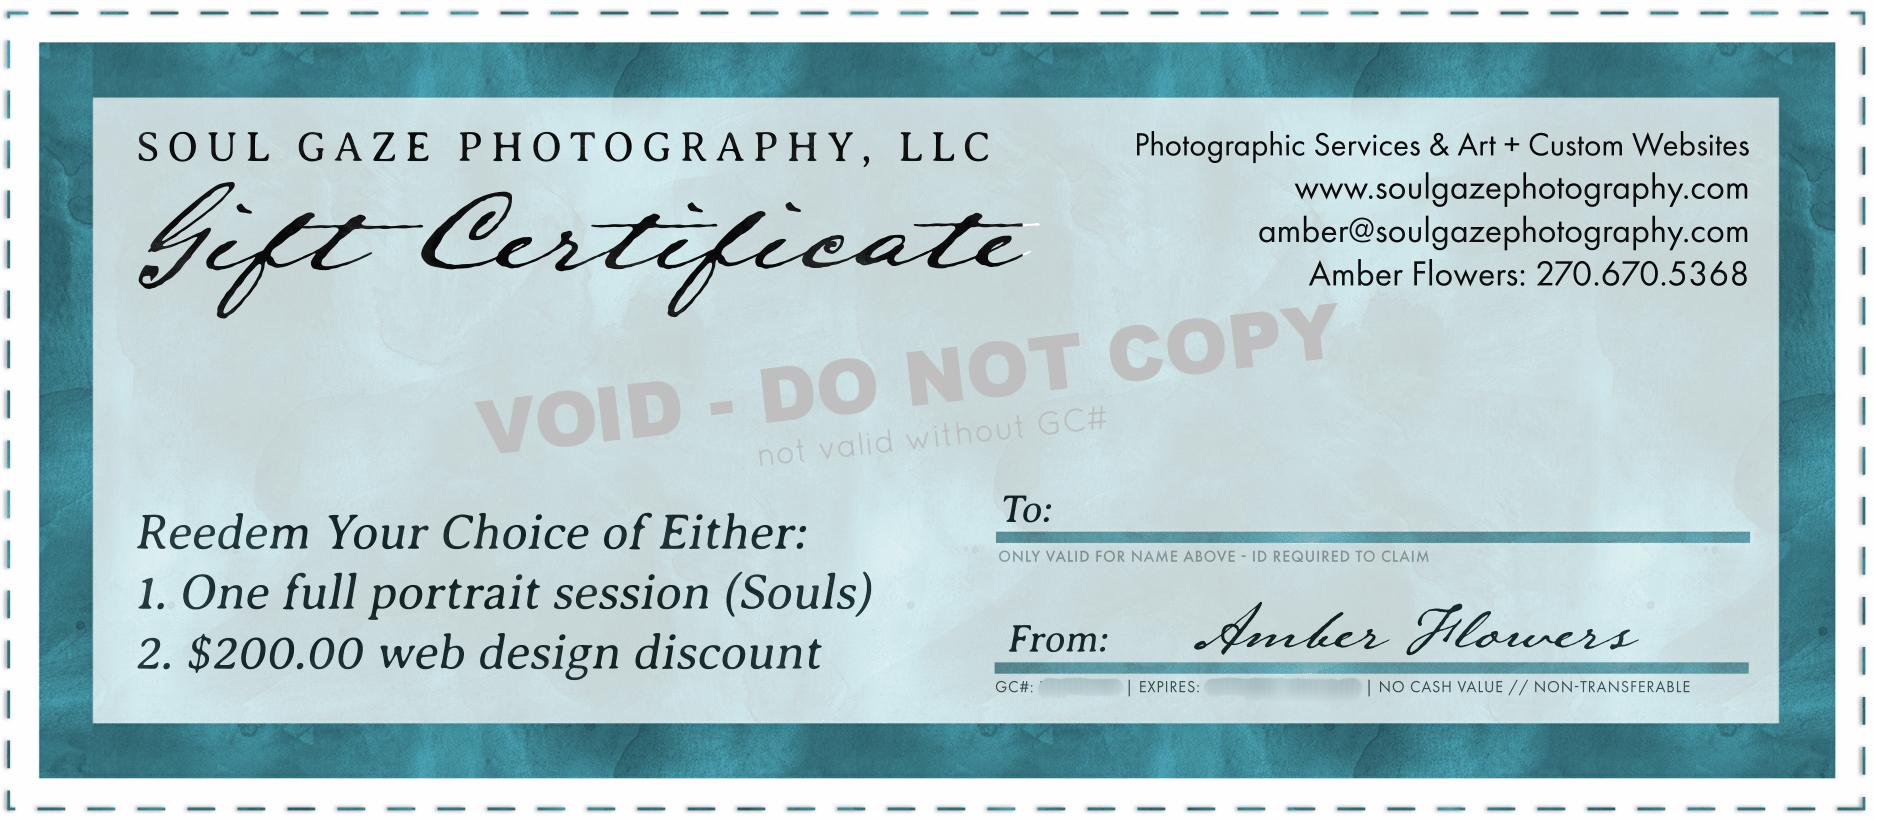 Crenshaw - Soul Gaze Photography Gift Certificate-10142017-1.png